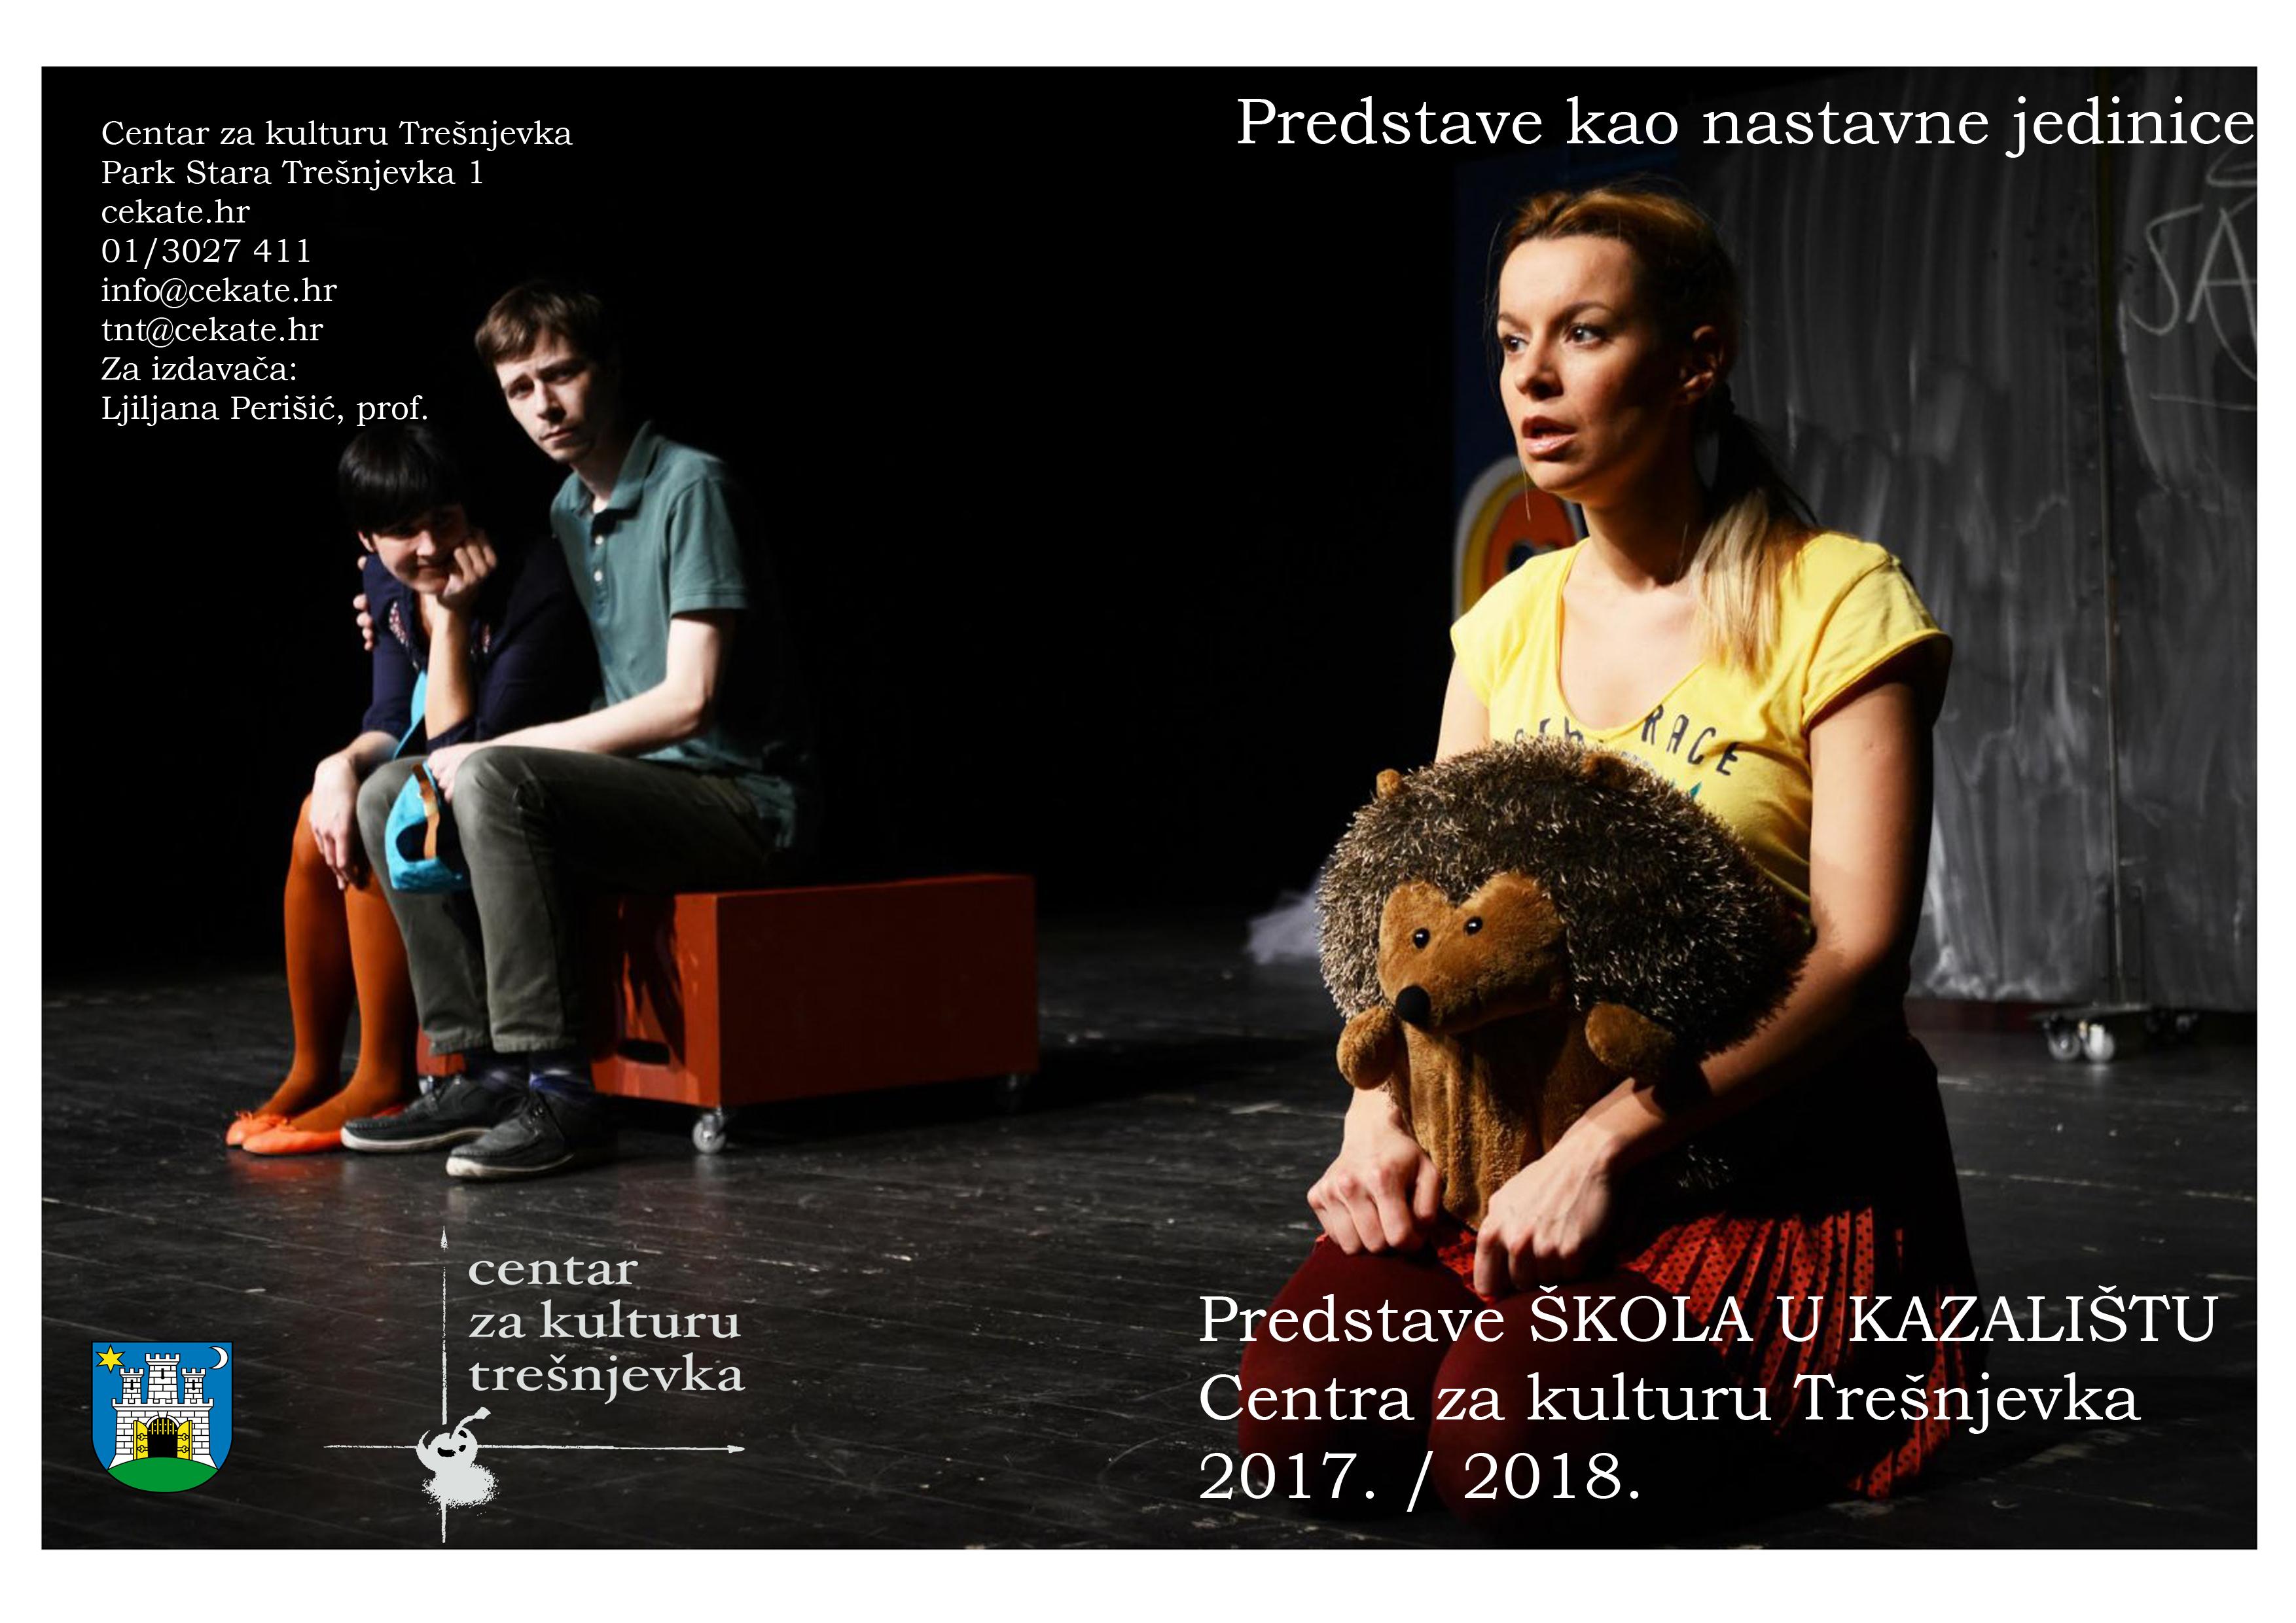 ŠKOLA U KAZALIŠTU – Predstave kao alat u nastavi u CeKaTeu / ak. g. 2017. / 2018.